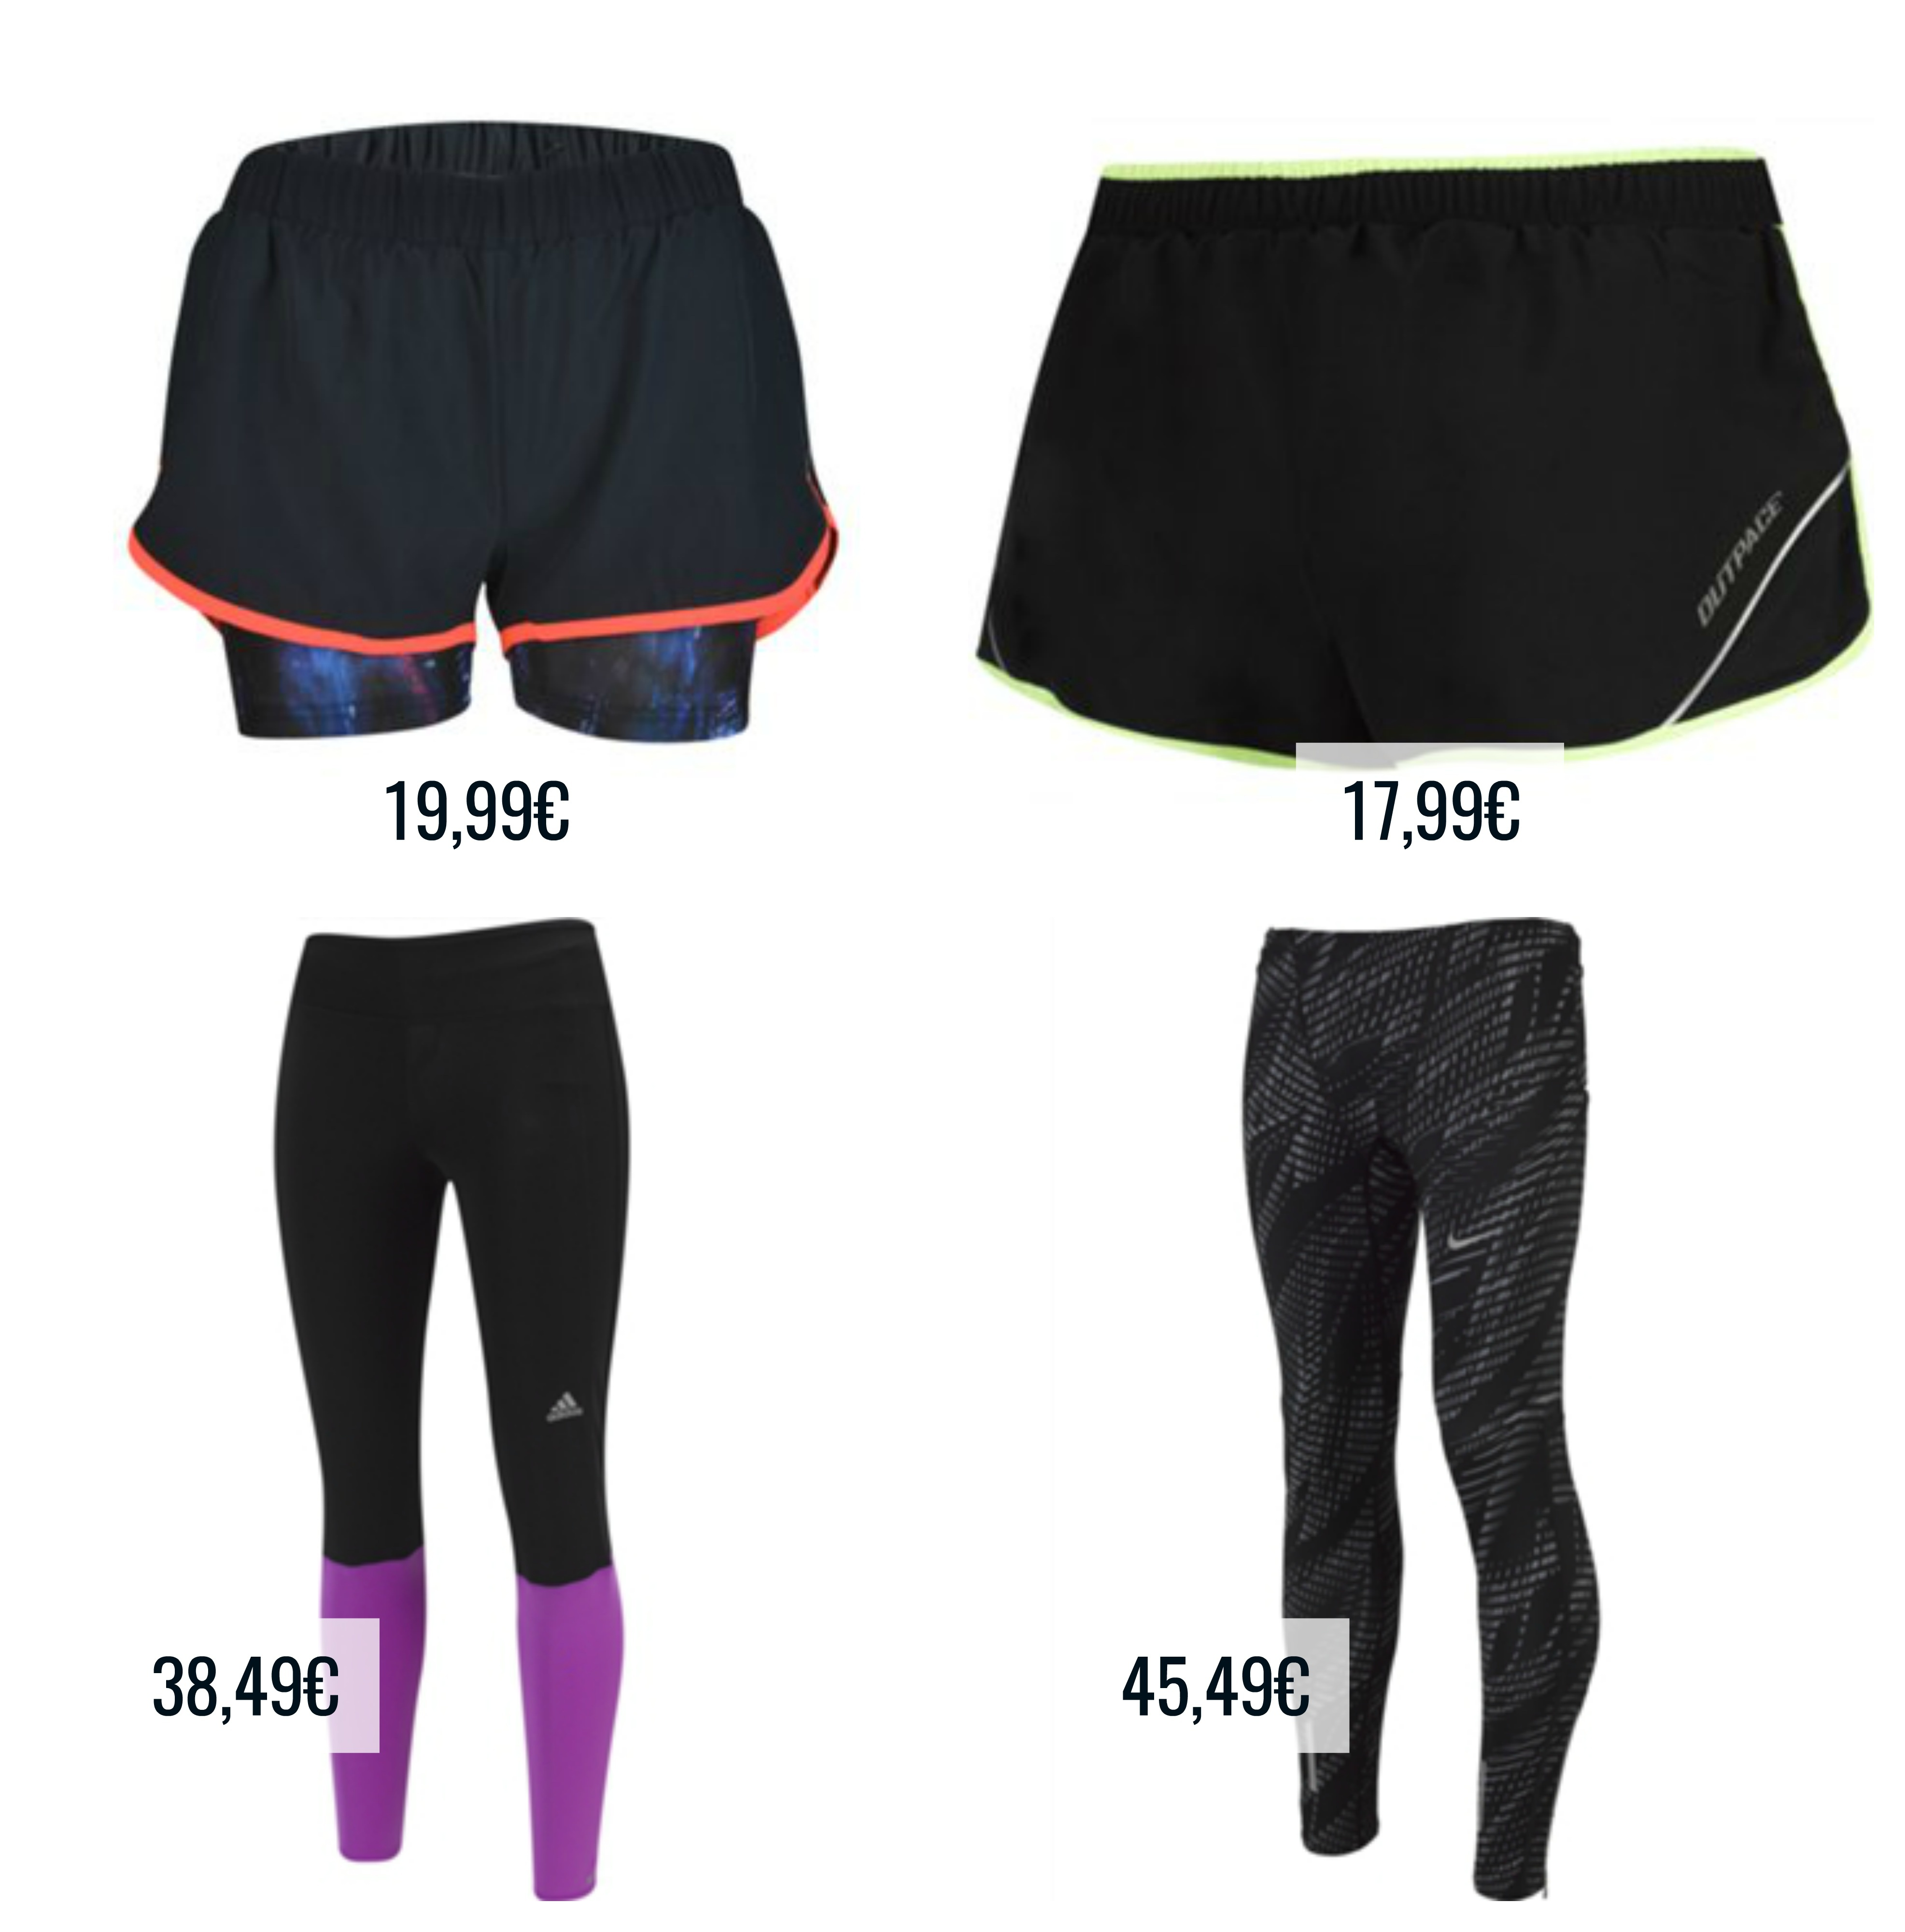 calcoes e calcas para correr sport zone